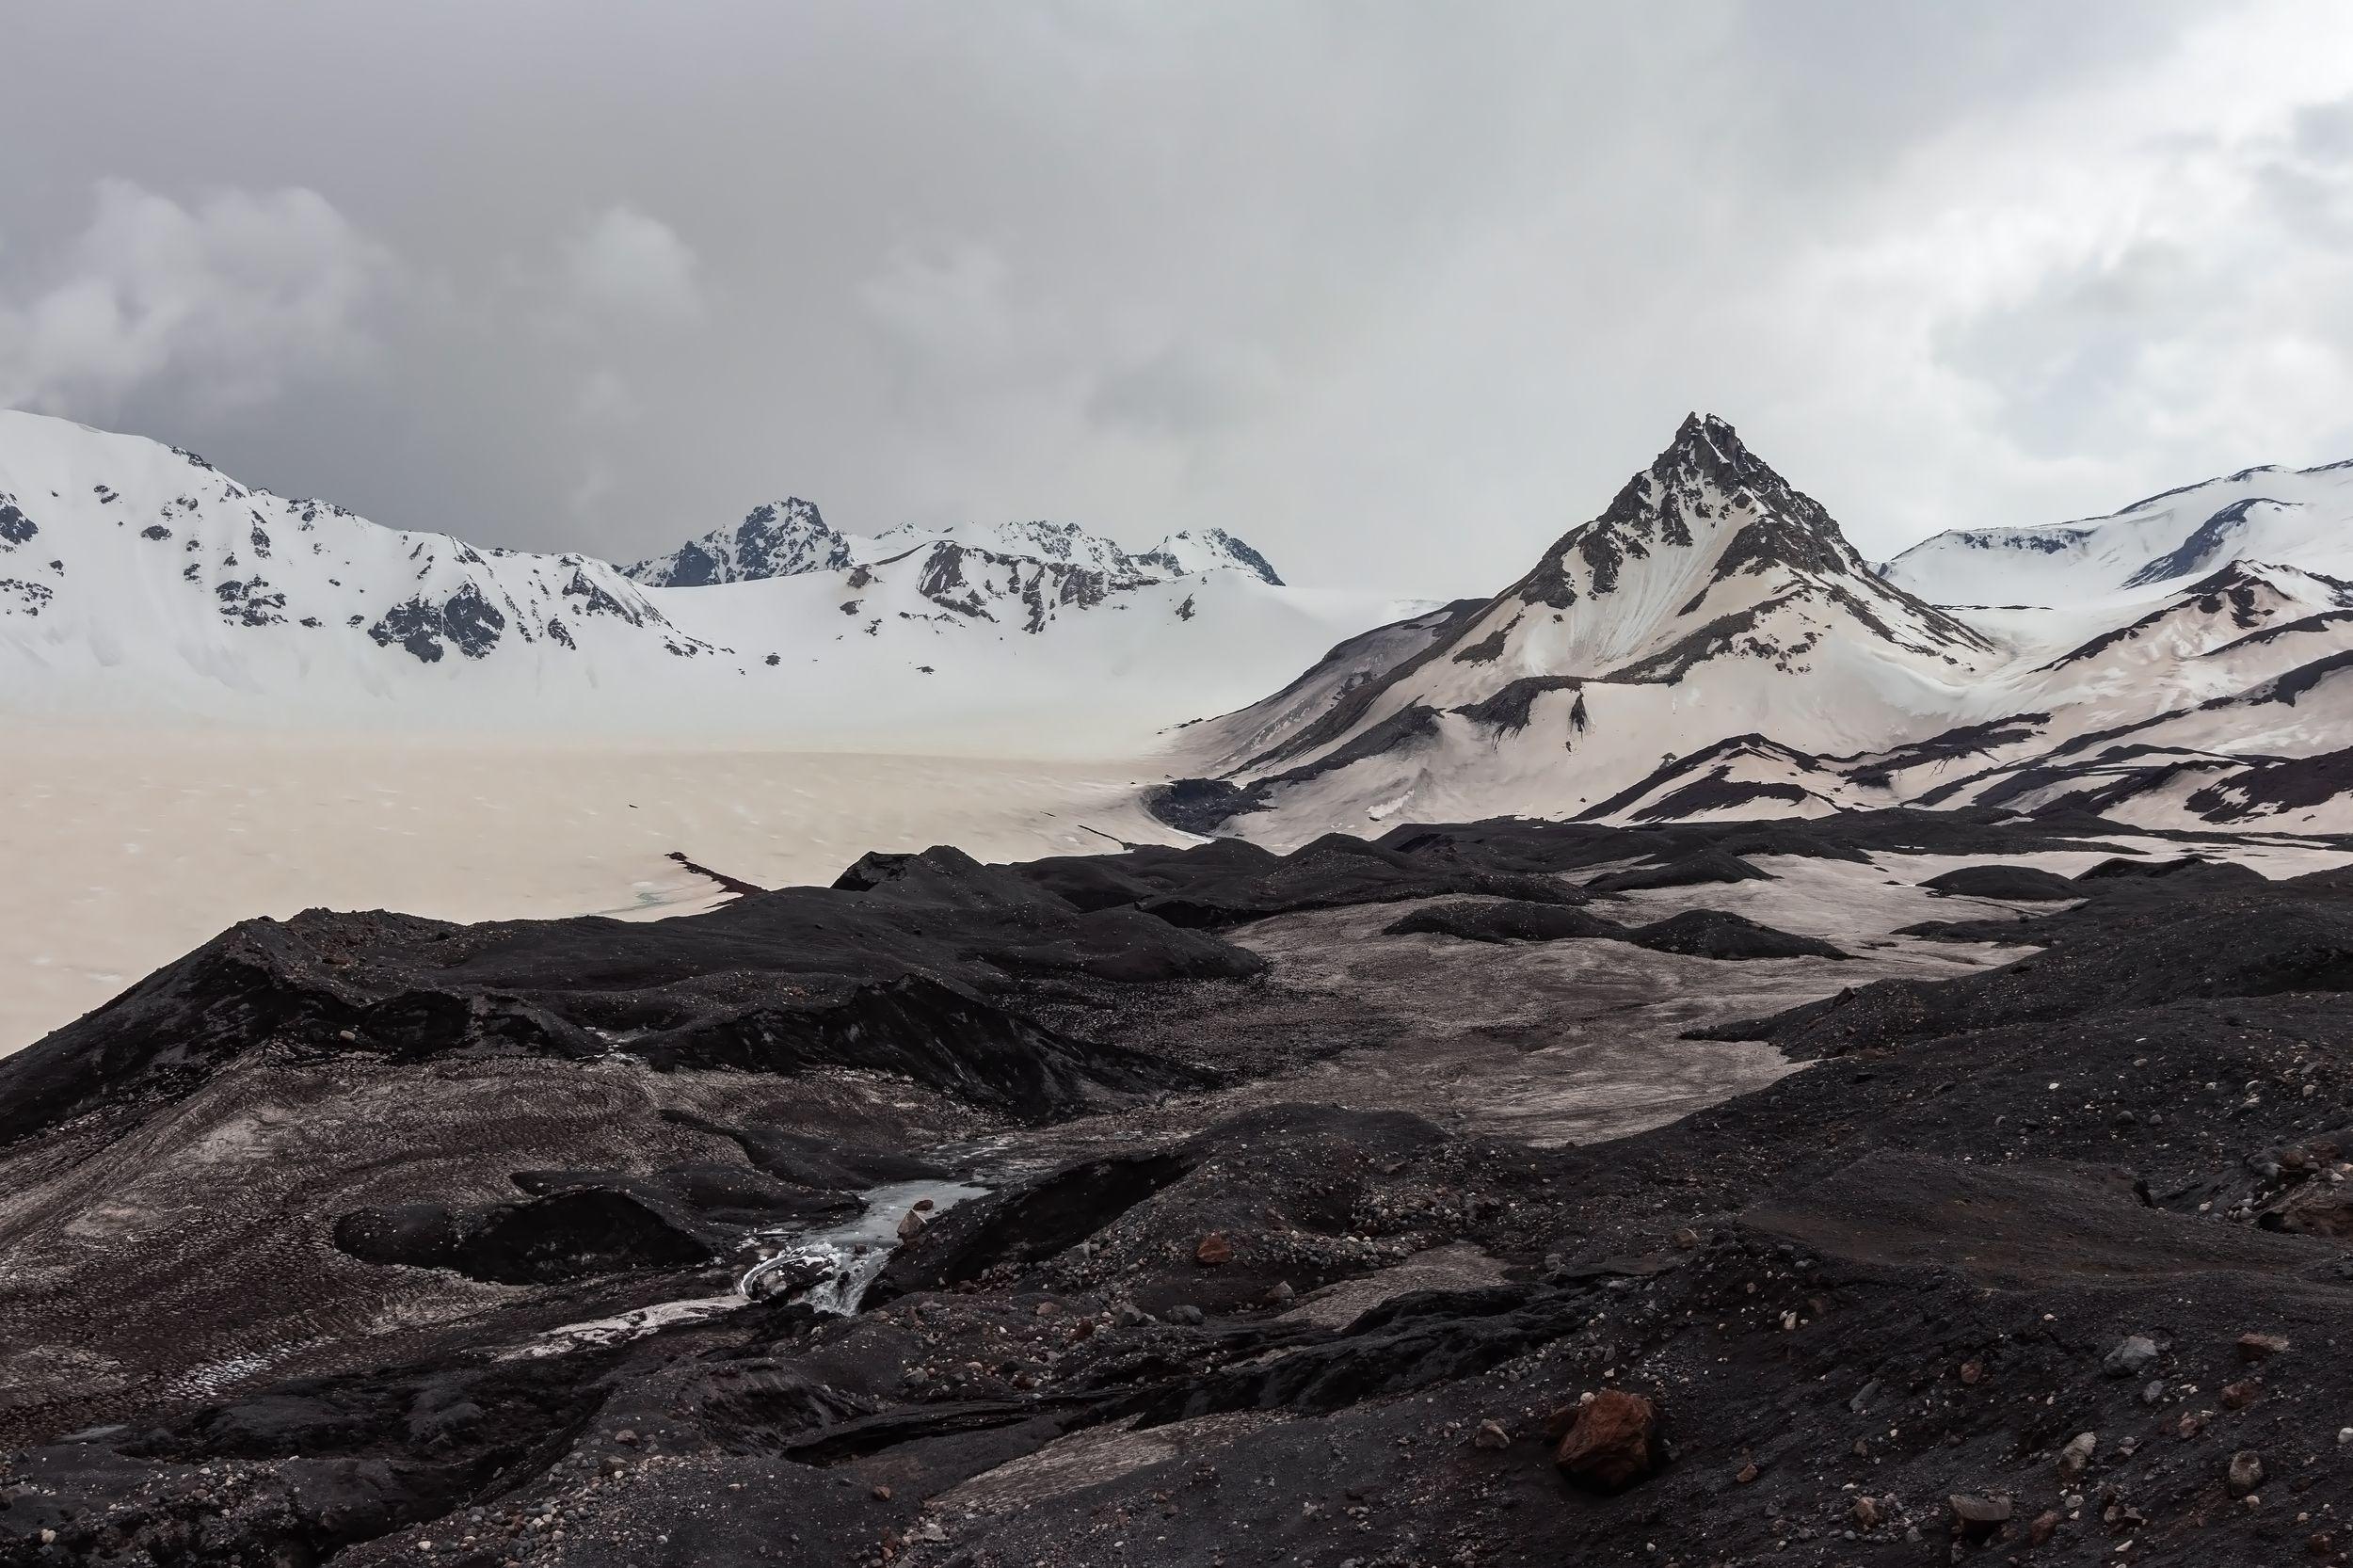 горы, альпинизм, кавказ, ледники,  Эстелла